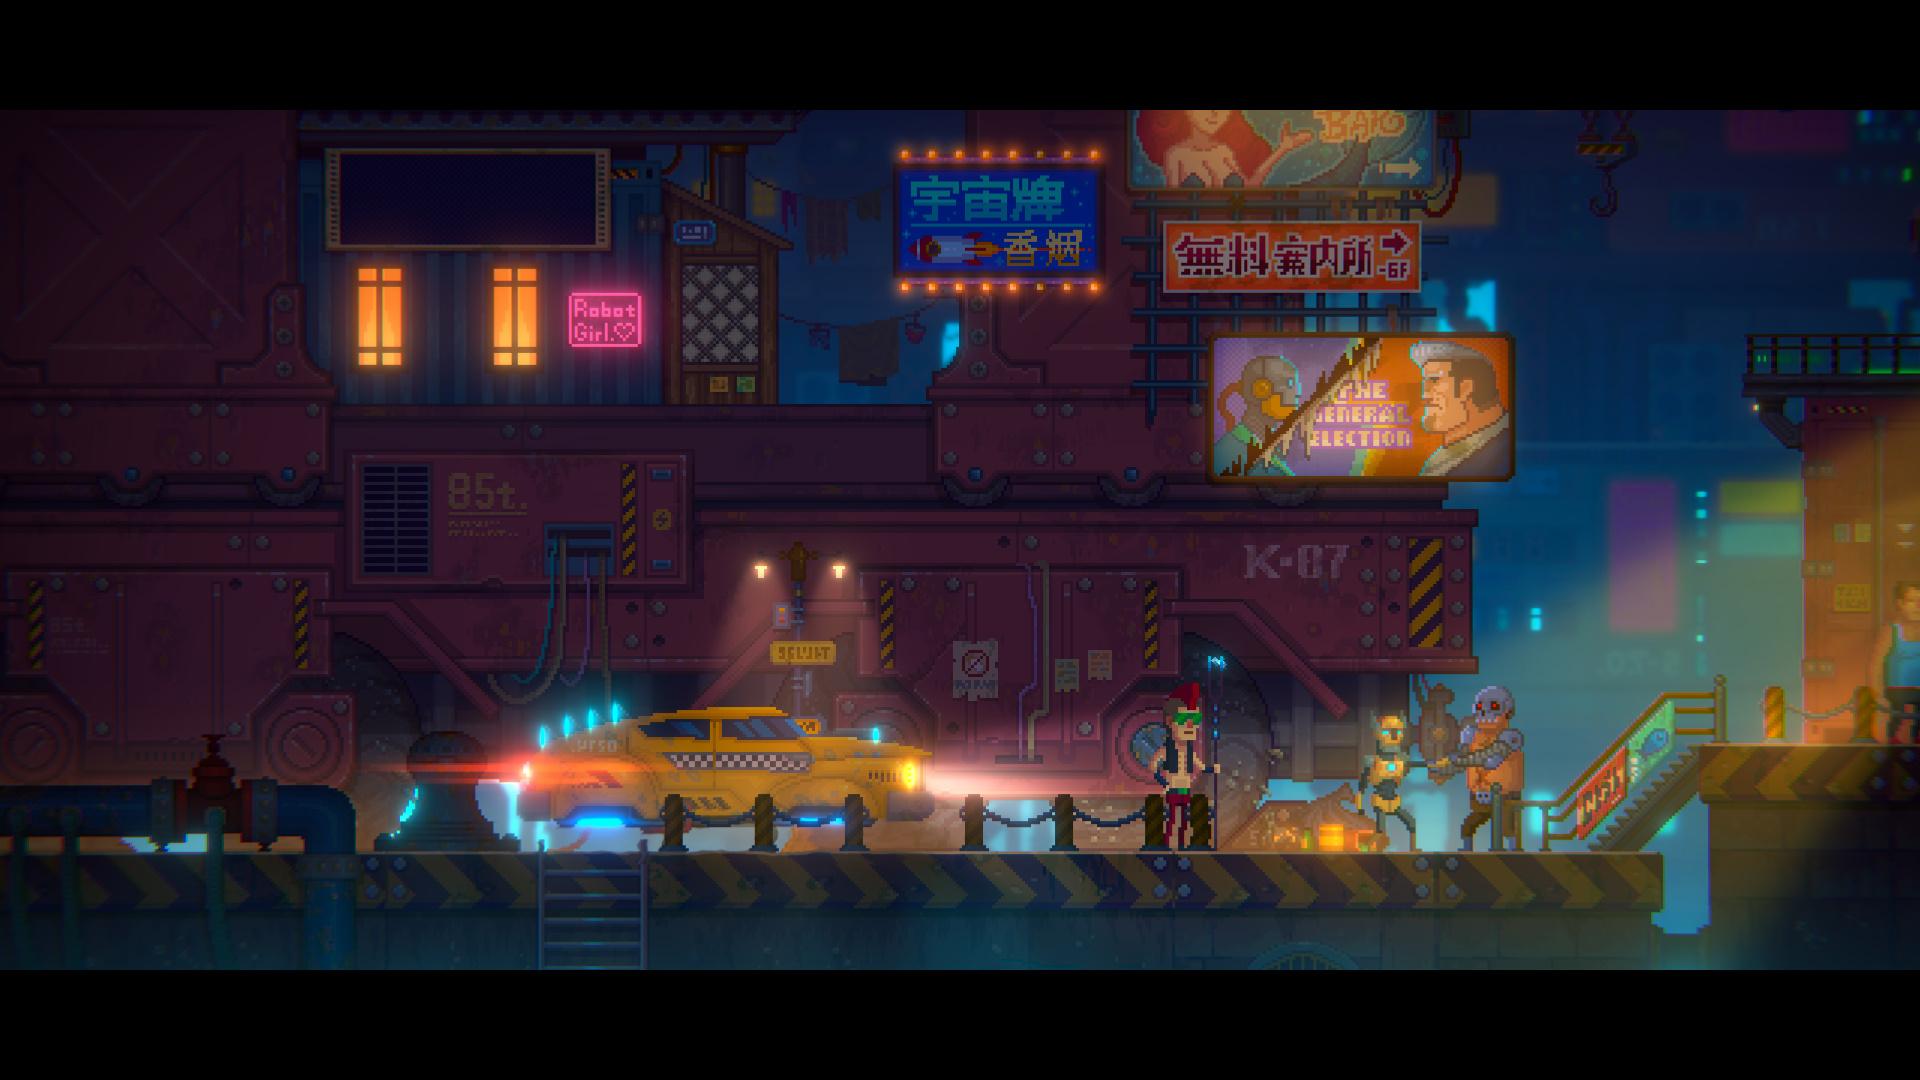 像素剧情解谜类游戏《迷雾侦探》将于4月30日登陆Steam平台